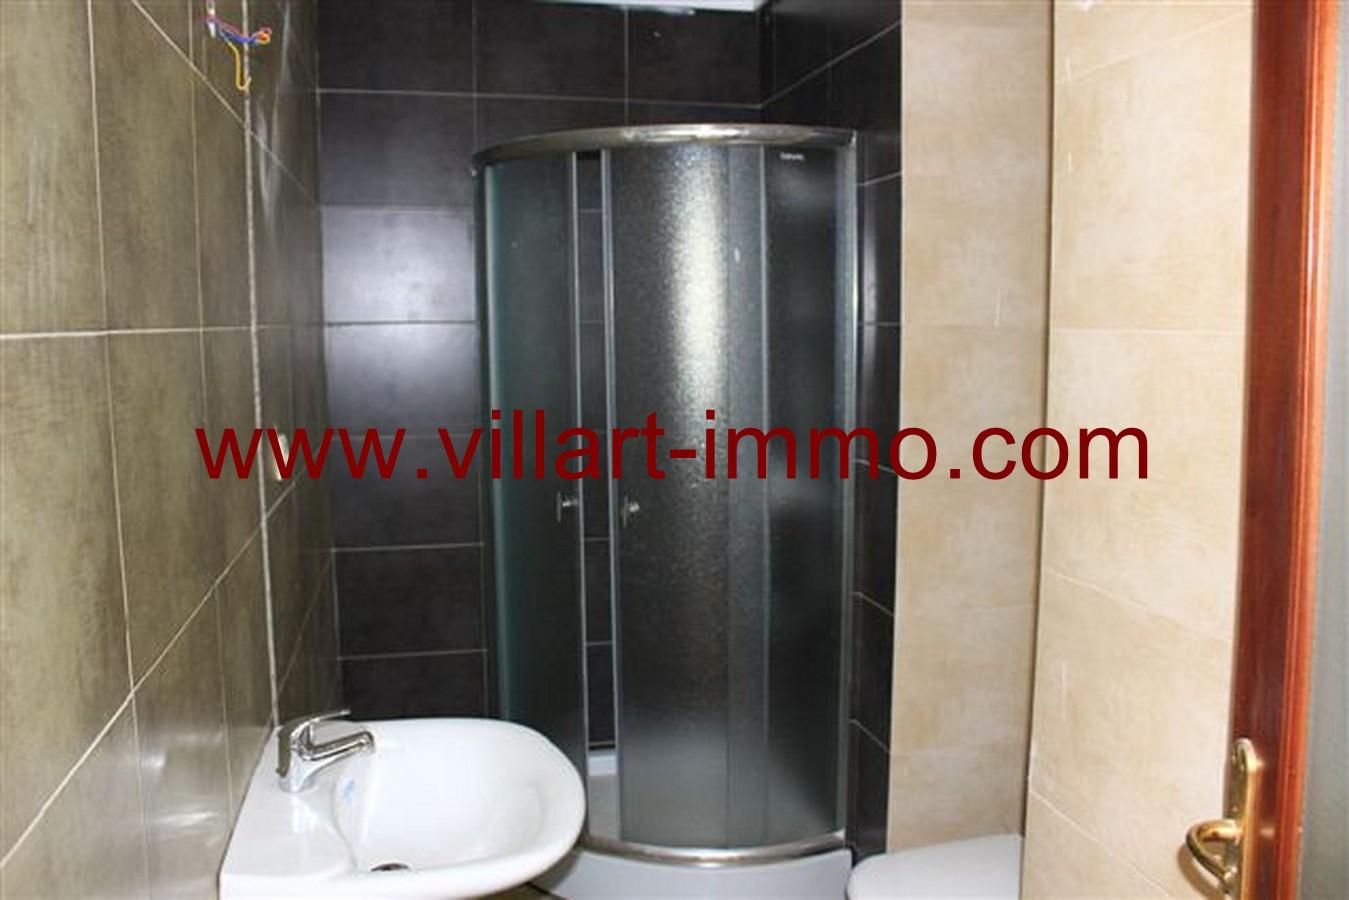 13-Vente-Appartement-Tanger-Malabata-Projet-MIR3-Villart Immo